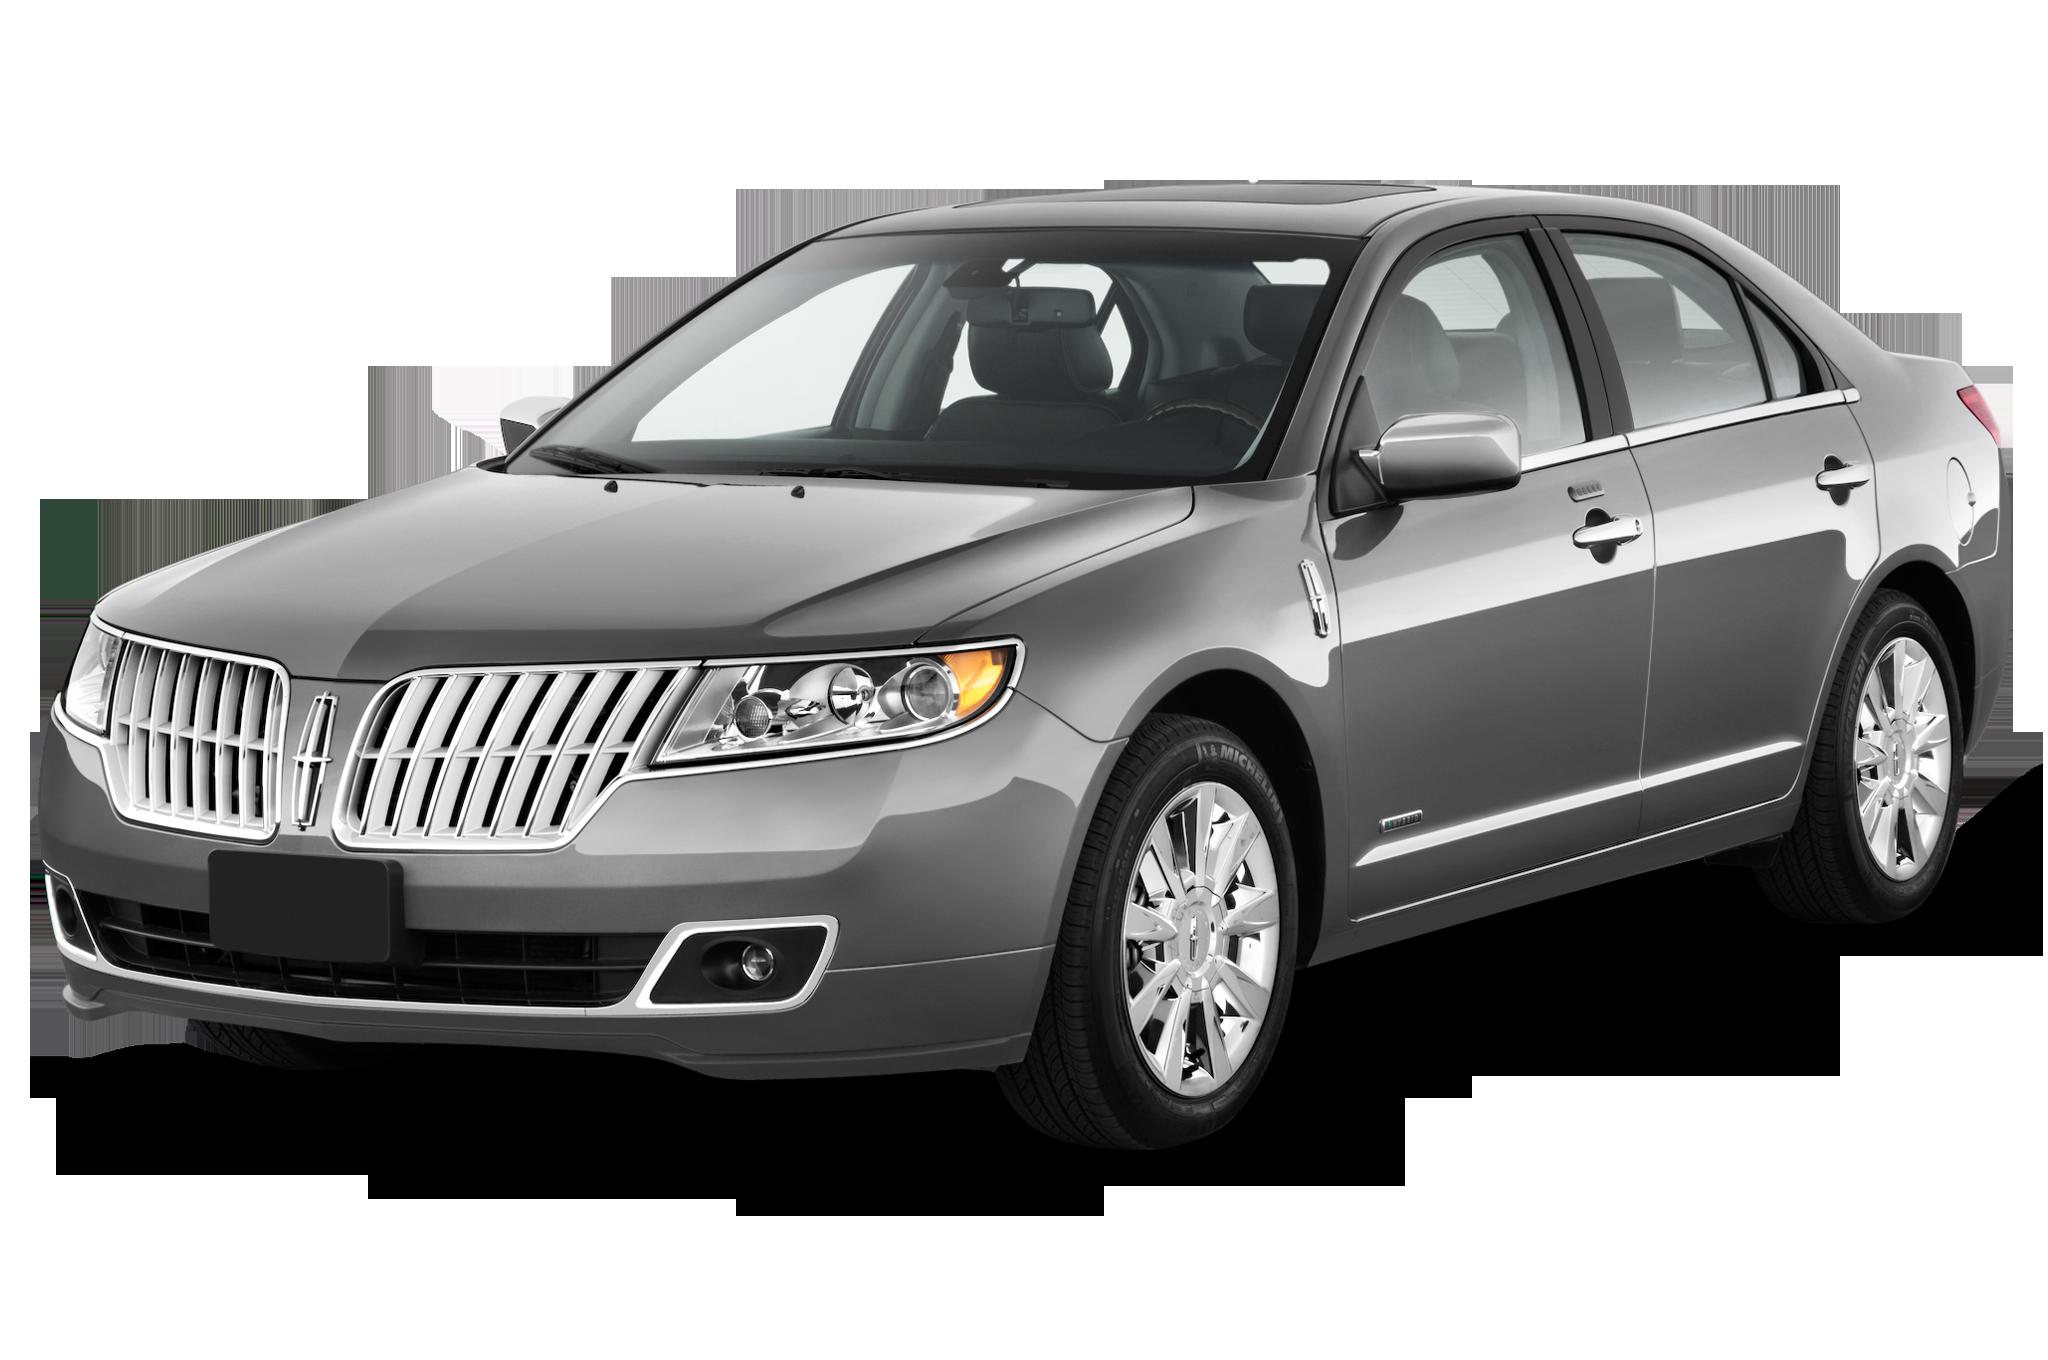 Lincoln MKZ I (Zephyr) Restyling 2009 - 2012 Sedan #4